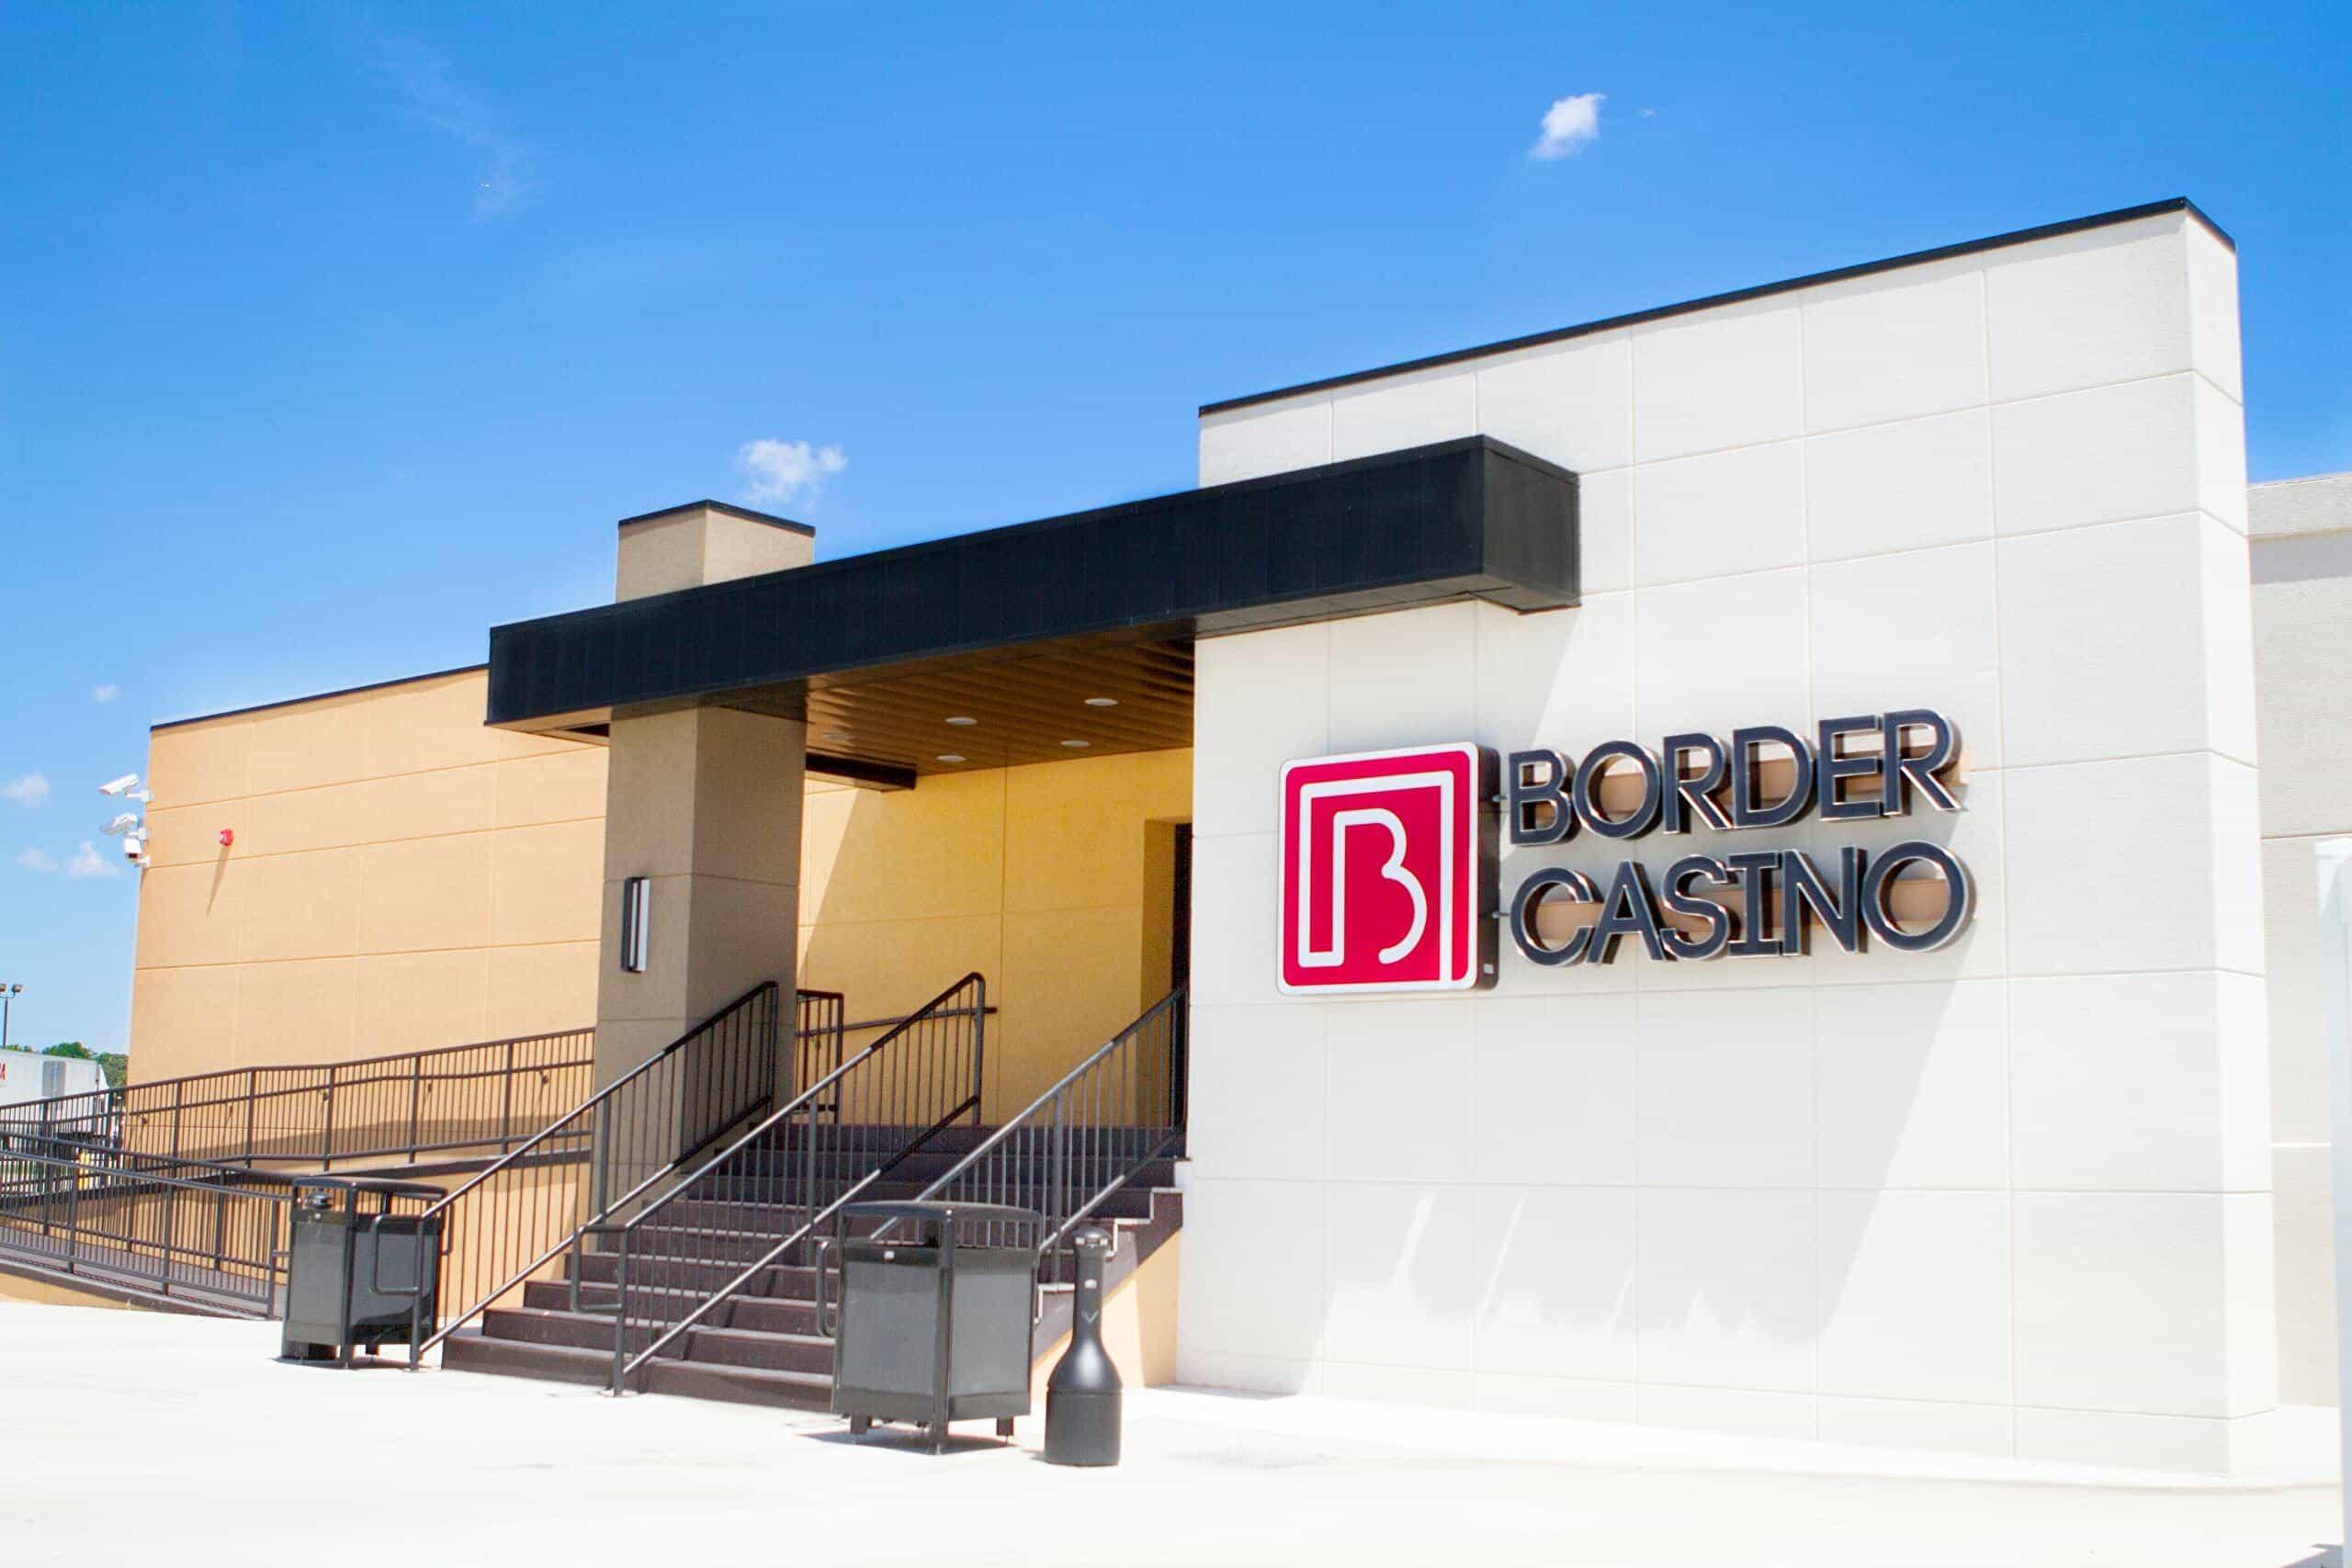 KISS Themed Casino Set To Open in Oklahoma January 2017